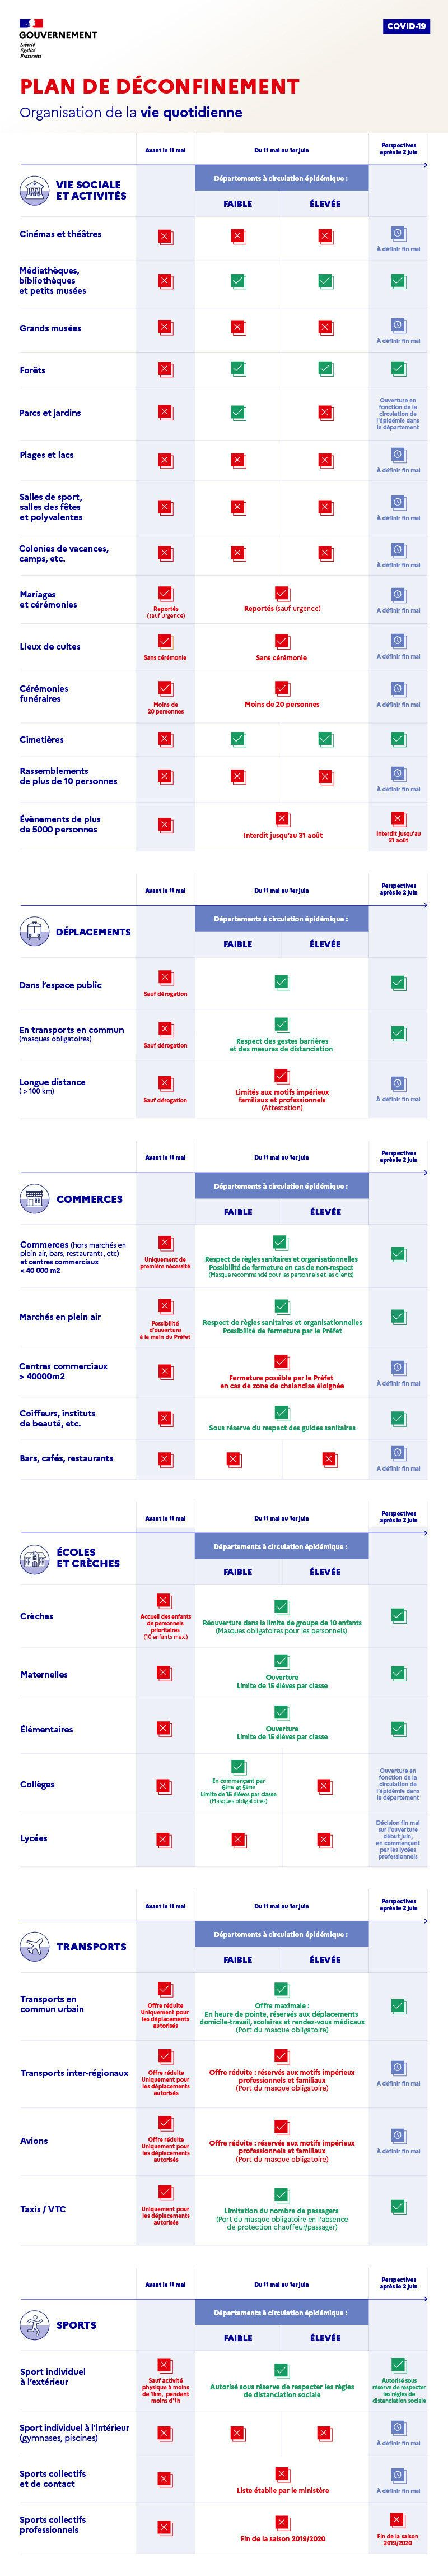 Déconfinement: quelles différences entre les départements verts et rouges après le 11